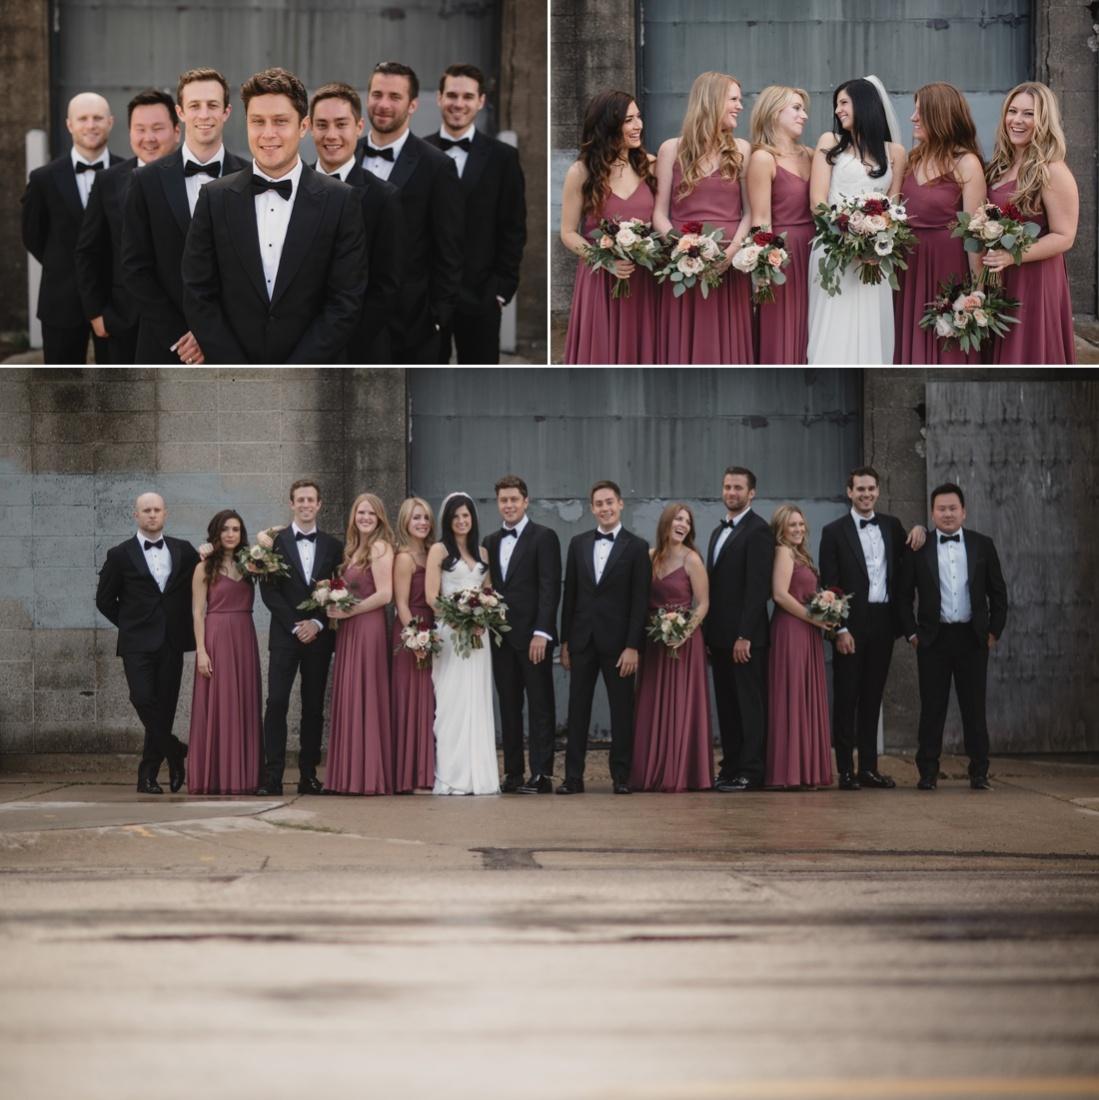 17_Aria_minneapolis_Wedding_photos-1099x1100.jpg